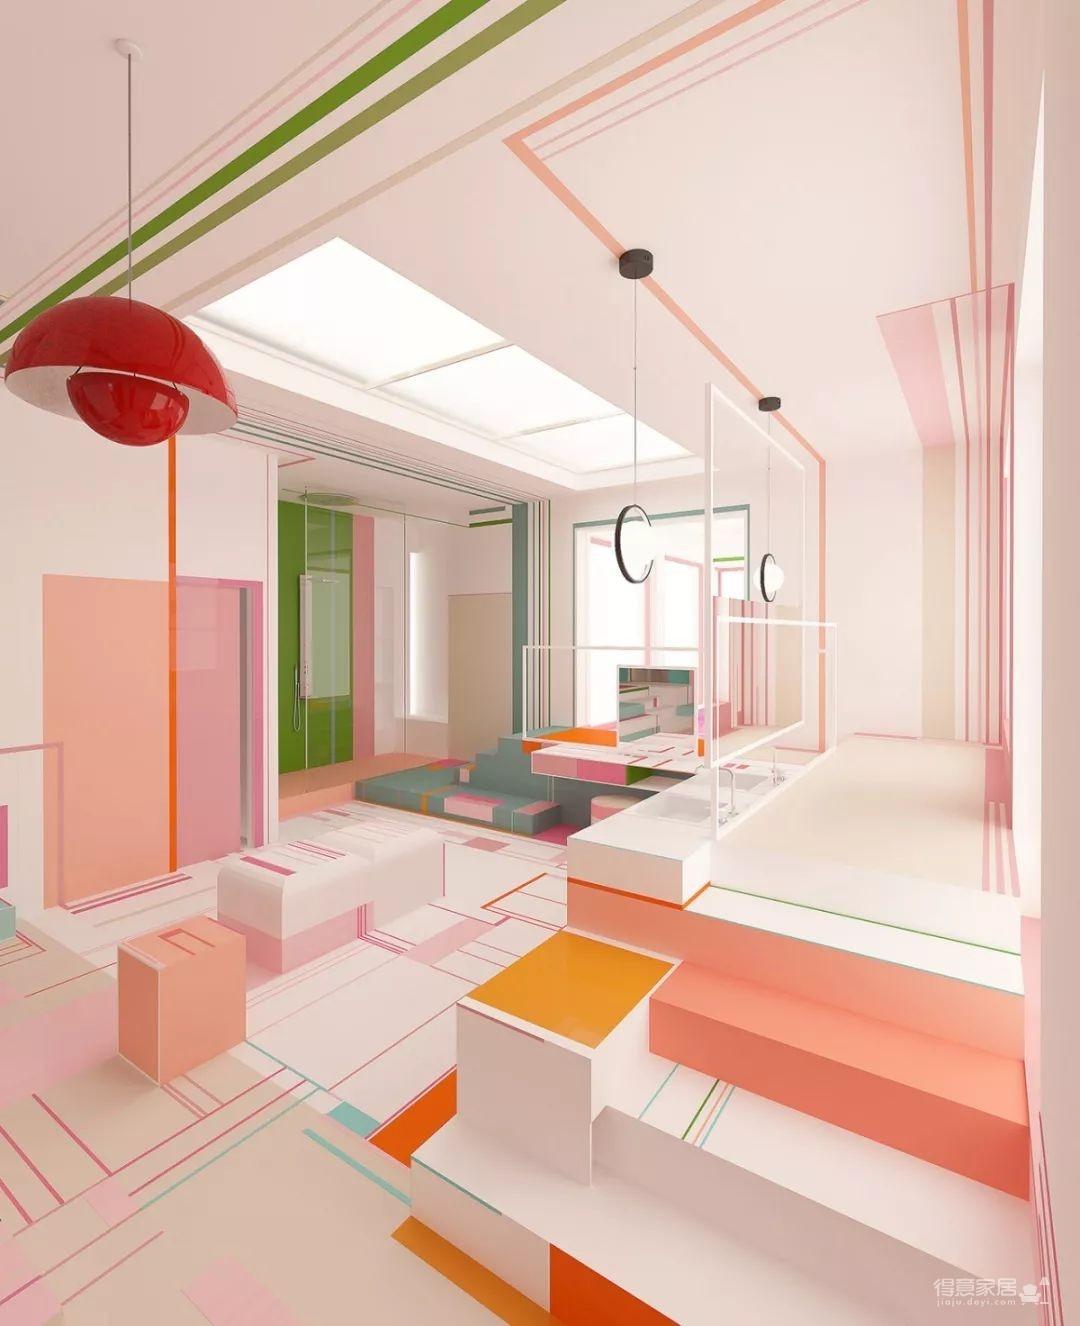 粉色湖水系,会呼吸的房子图_2